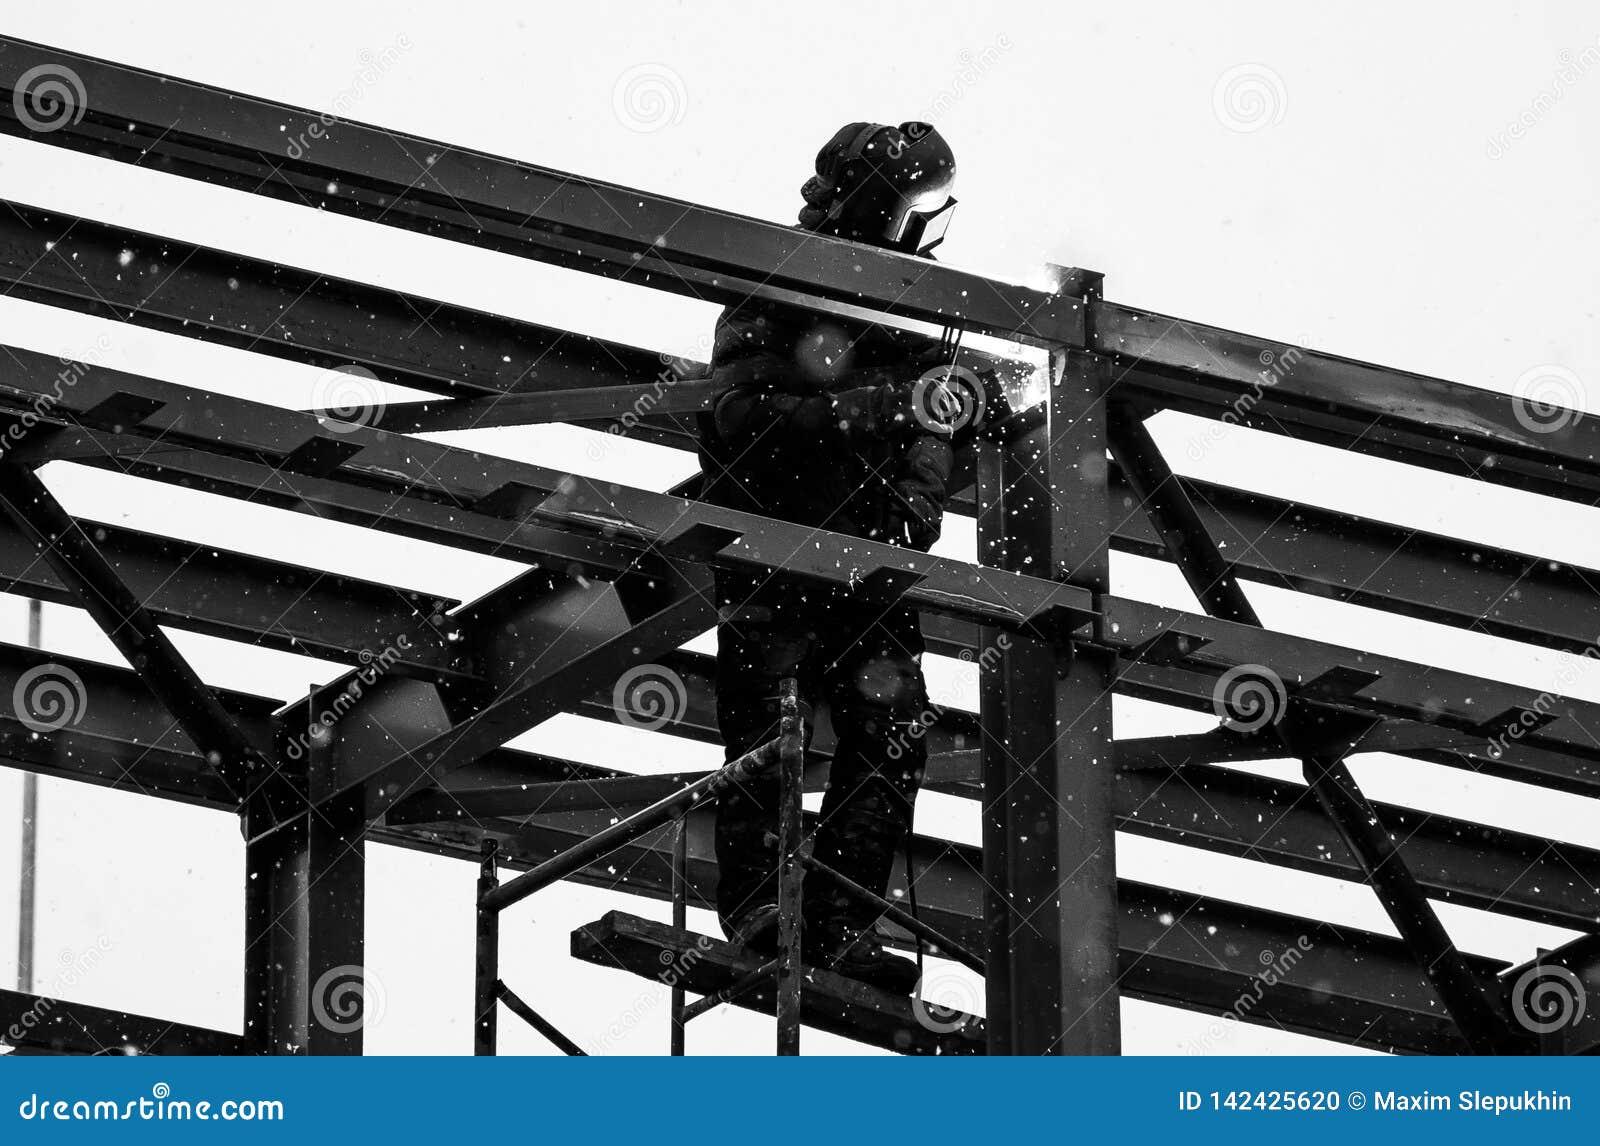 Построитель работает на sunsetblack и белом фото замаскированного сварщика работая на высоте